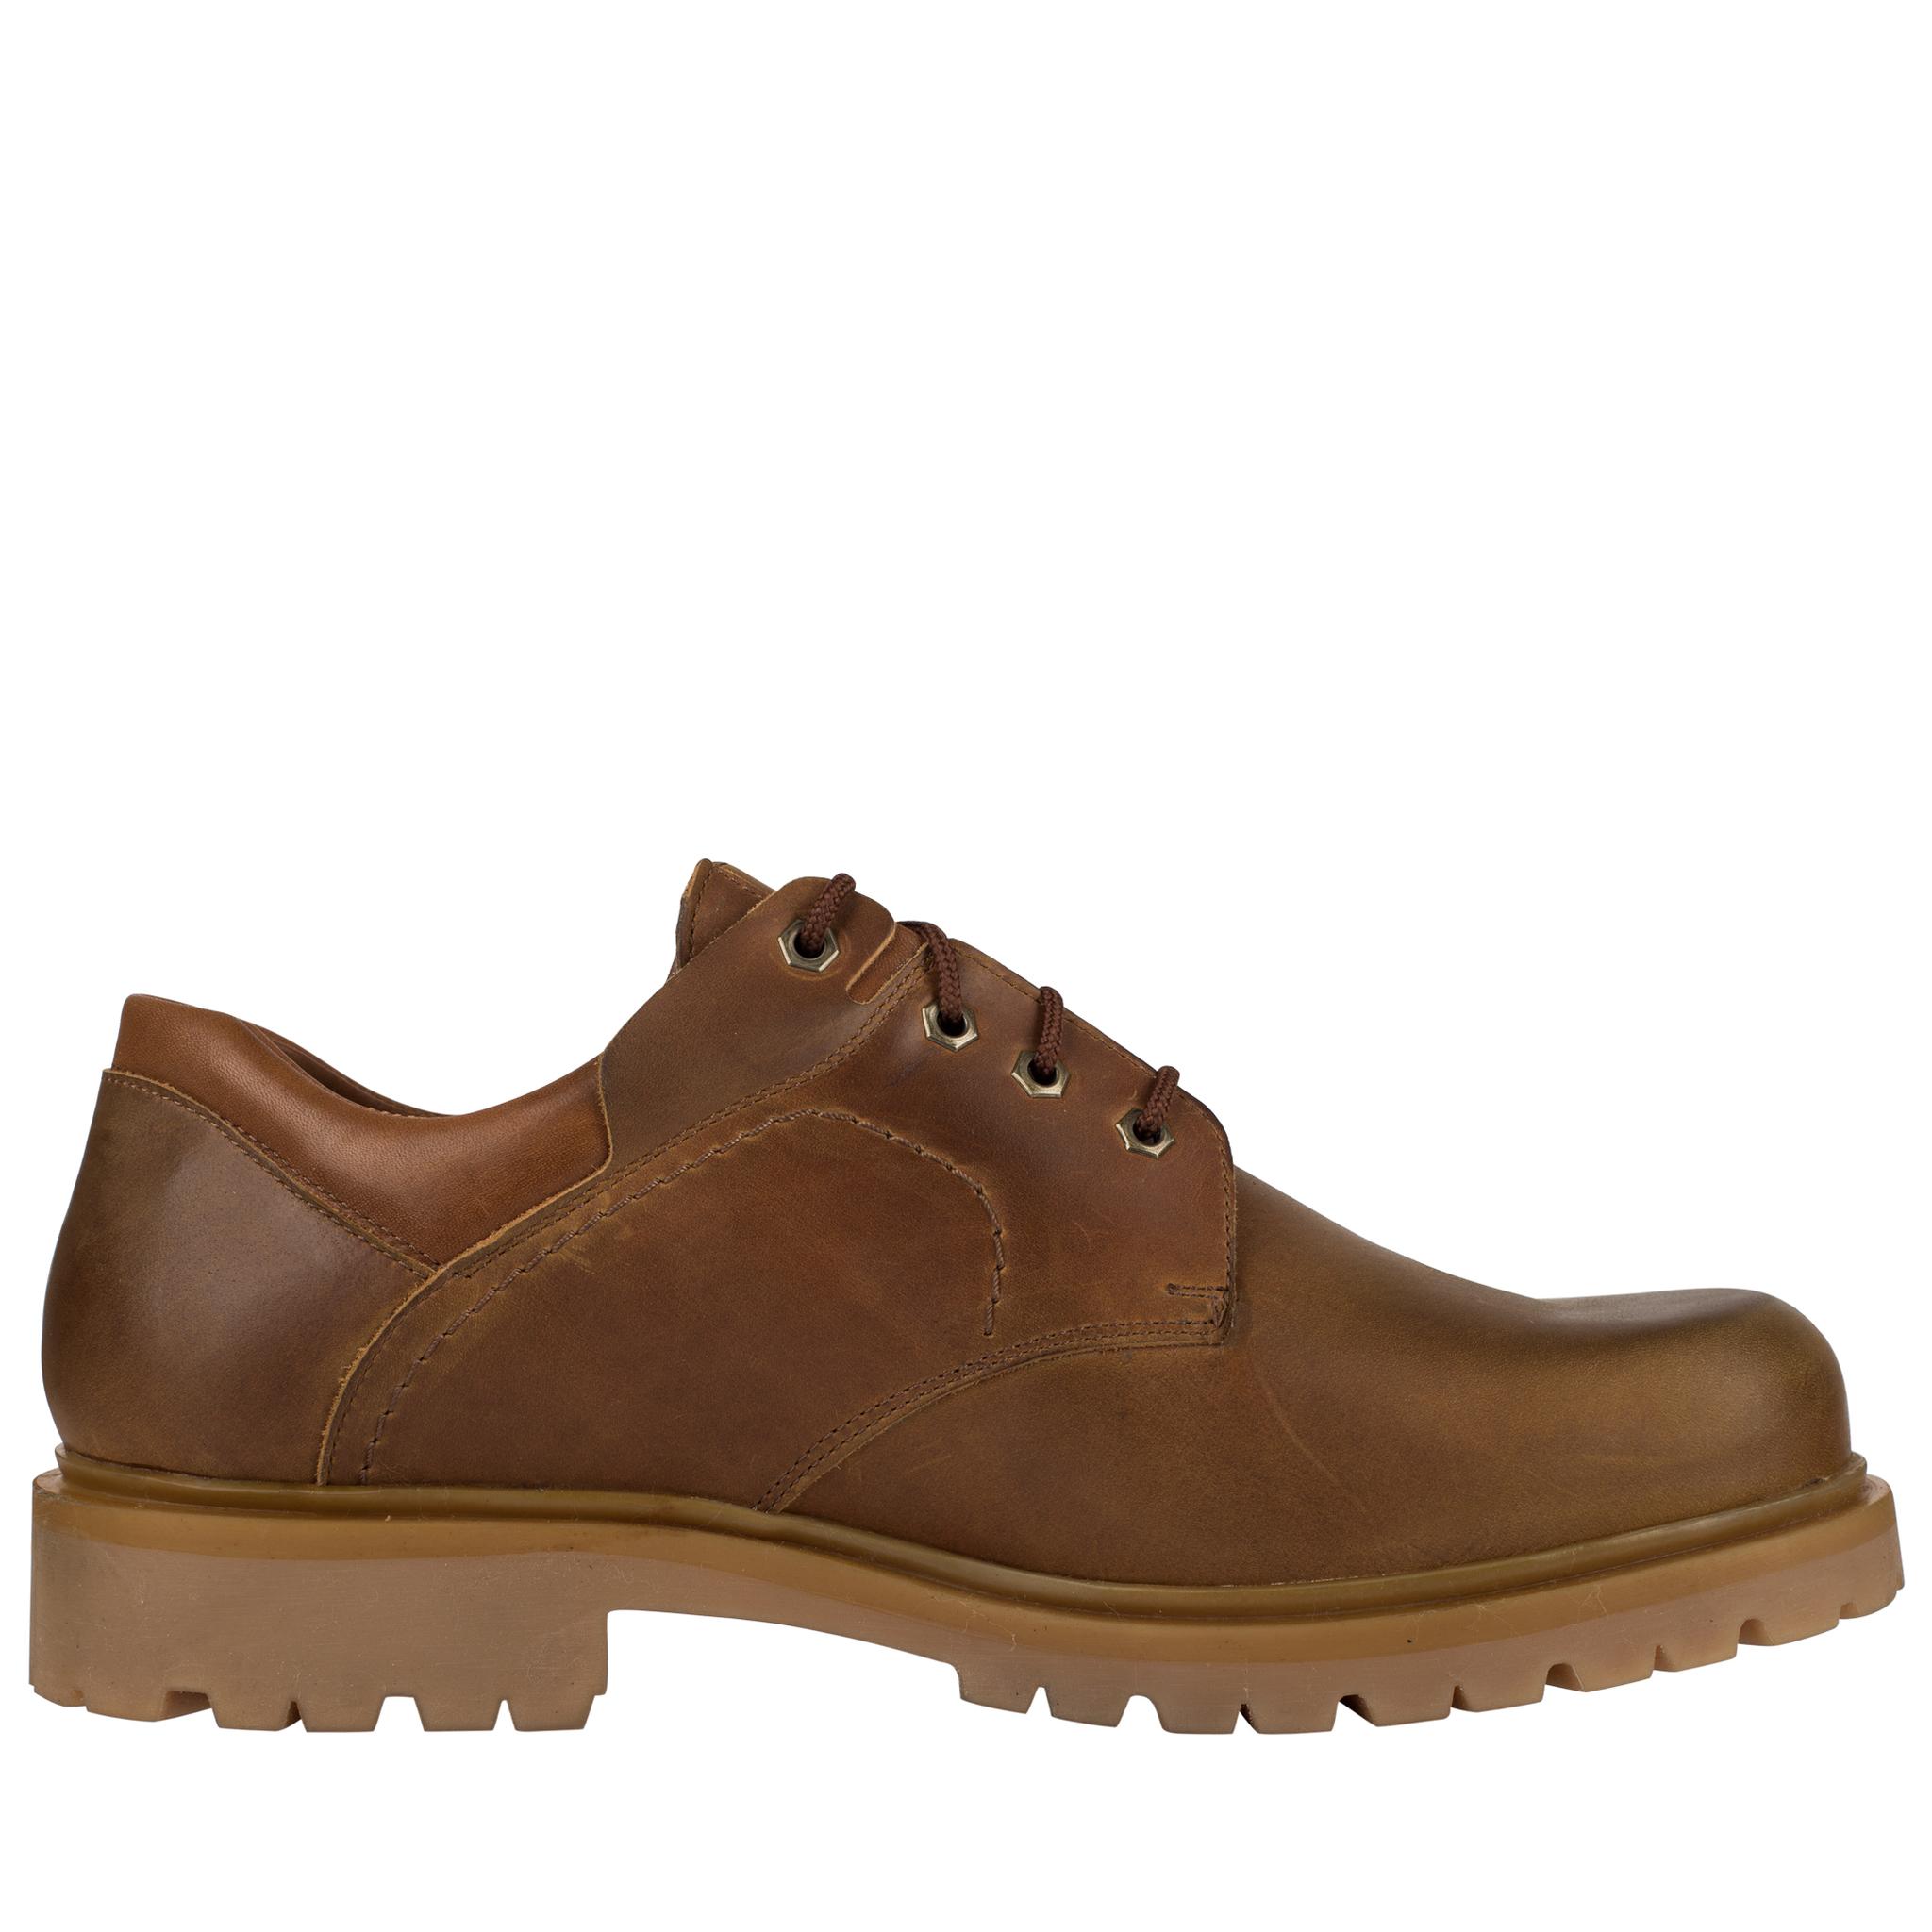 679378 полуботинки мужские коричневые больших размеров марки Делфино